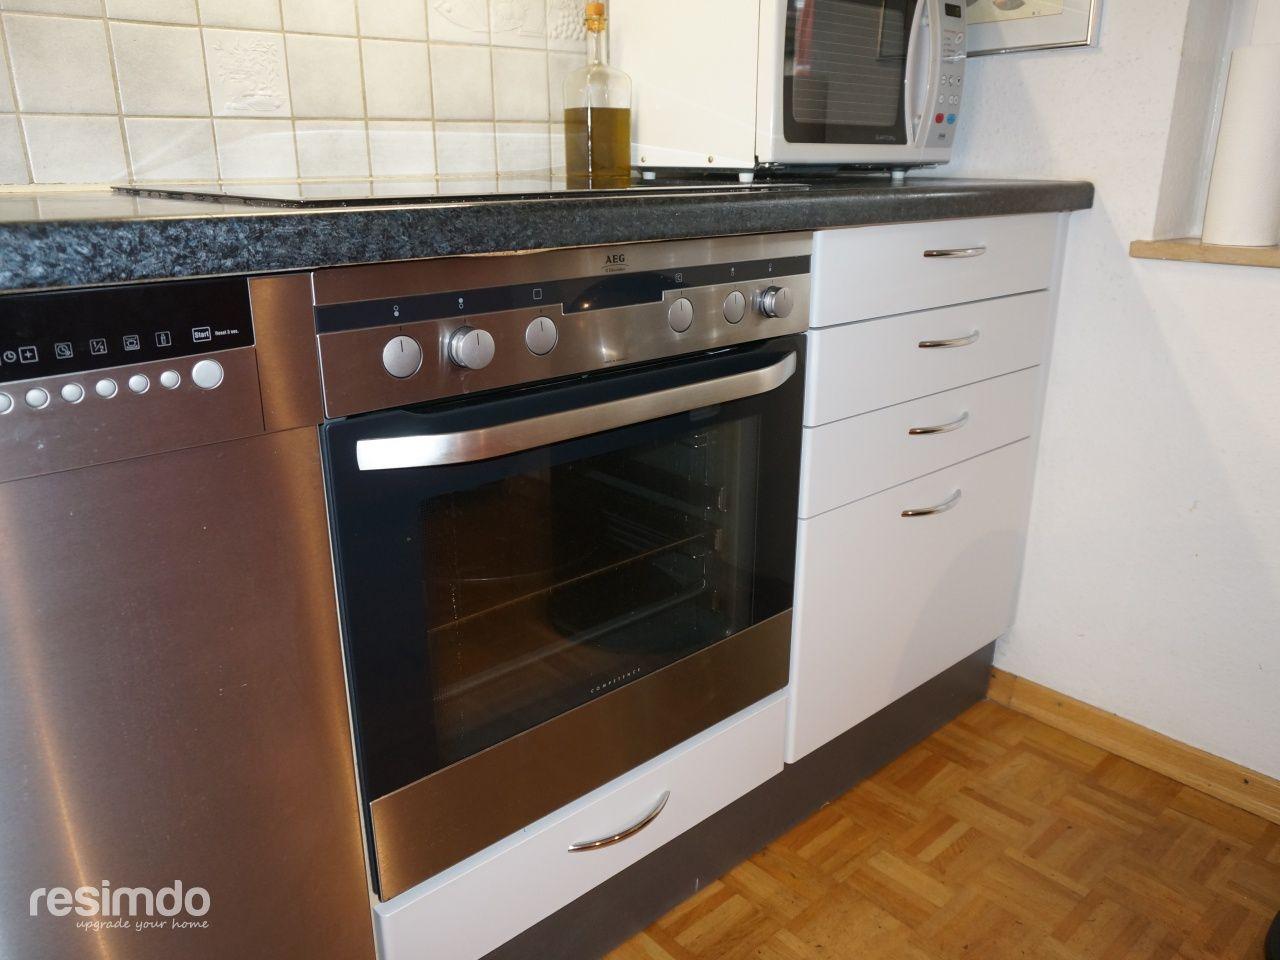 Küche bekleben | Küche folieren, Möbel folieren und Küche ...